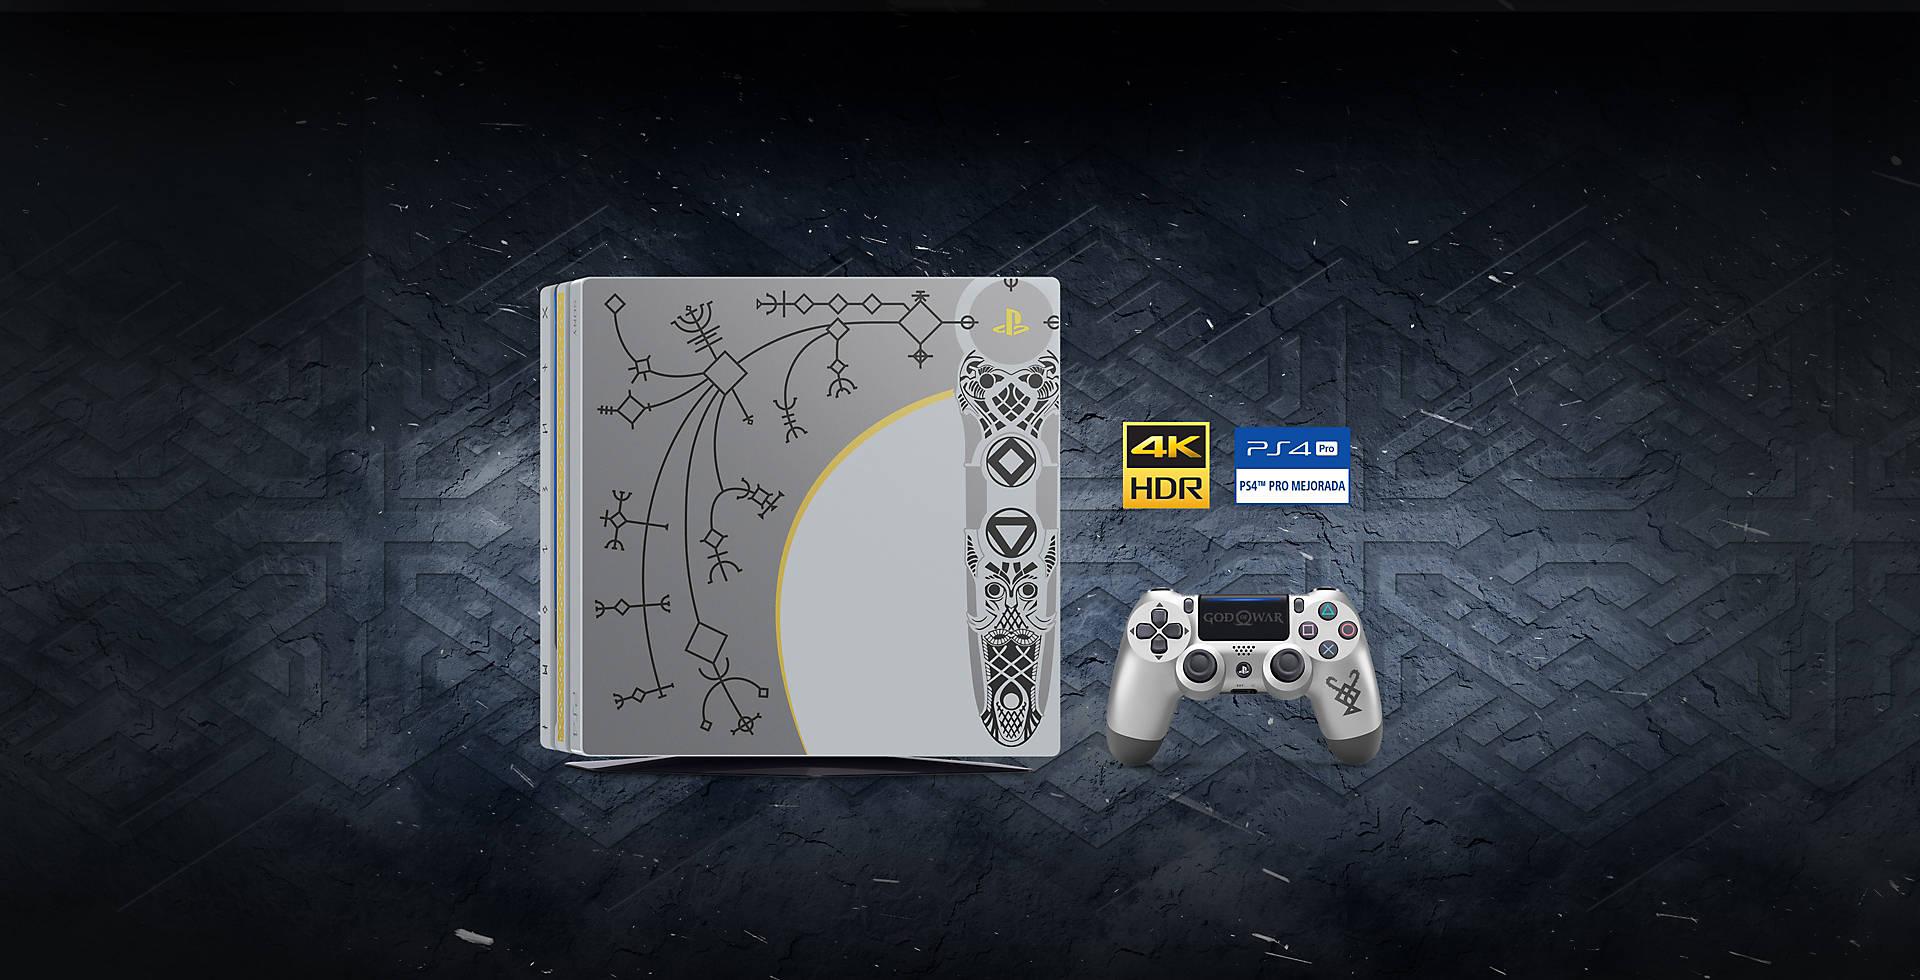 Esta PS4 Pro bendecida por los dioses llegará a las tiendas el 20 de abril